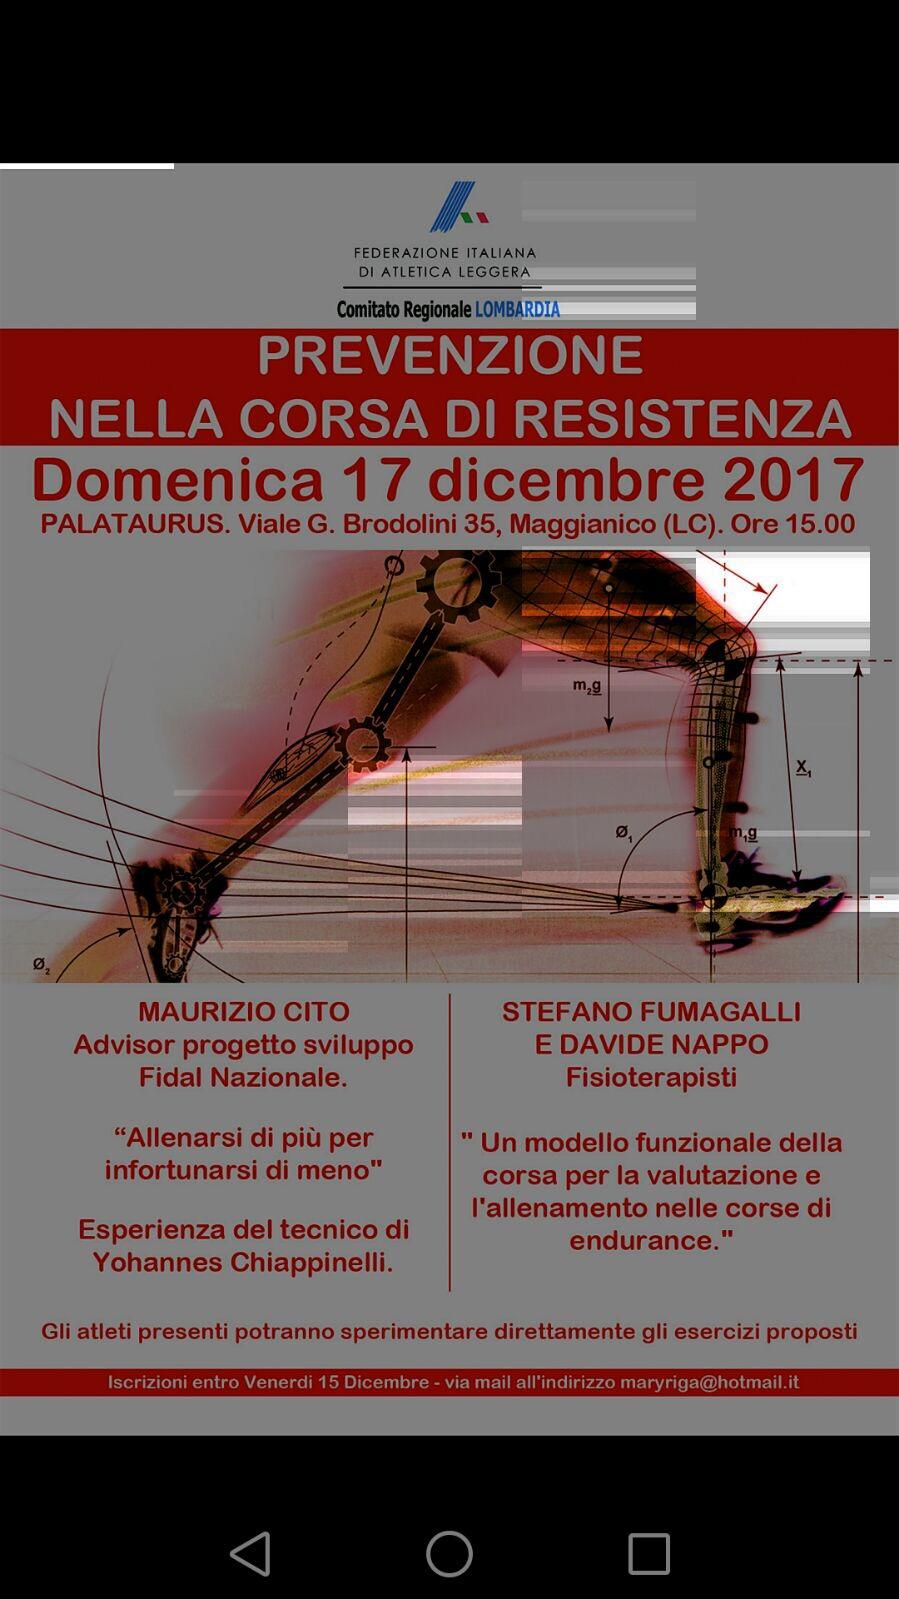 Prevenzione Nelle Corse Di Resistenza: Sport E Benessere In Un Seminario Al Palataurus